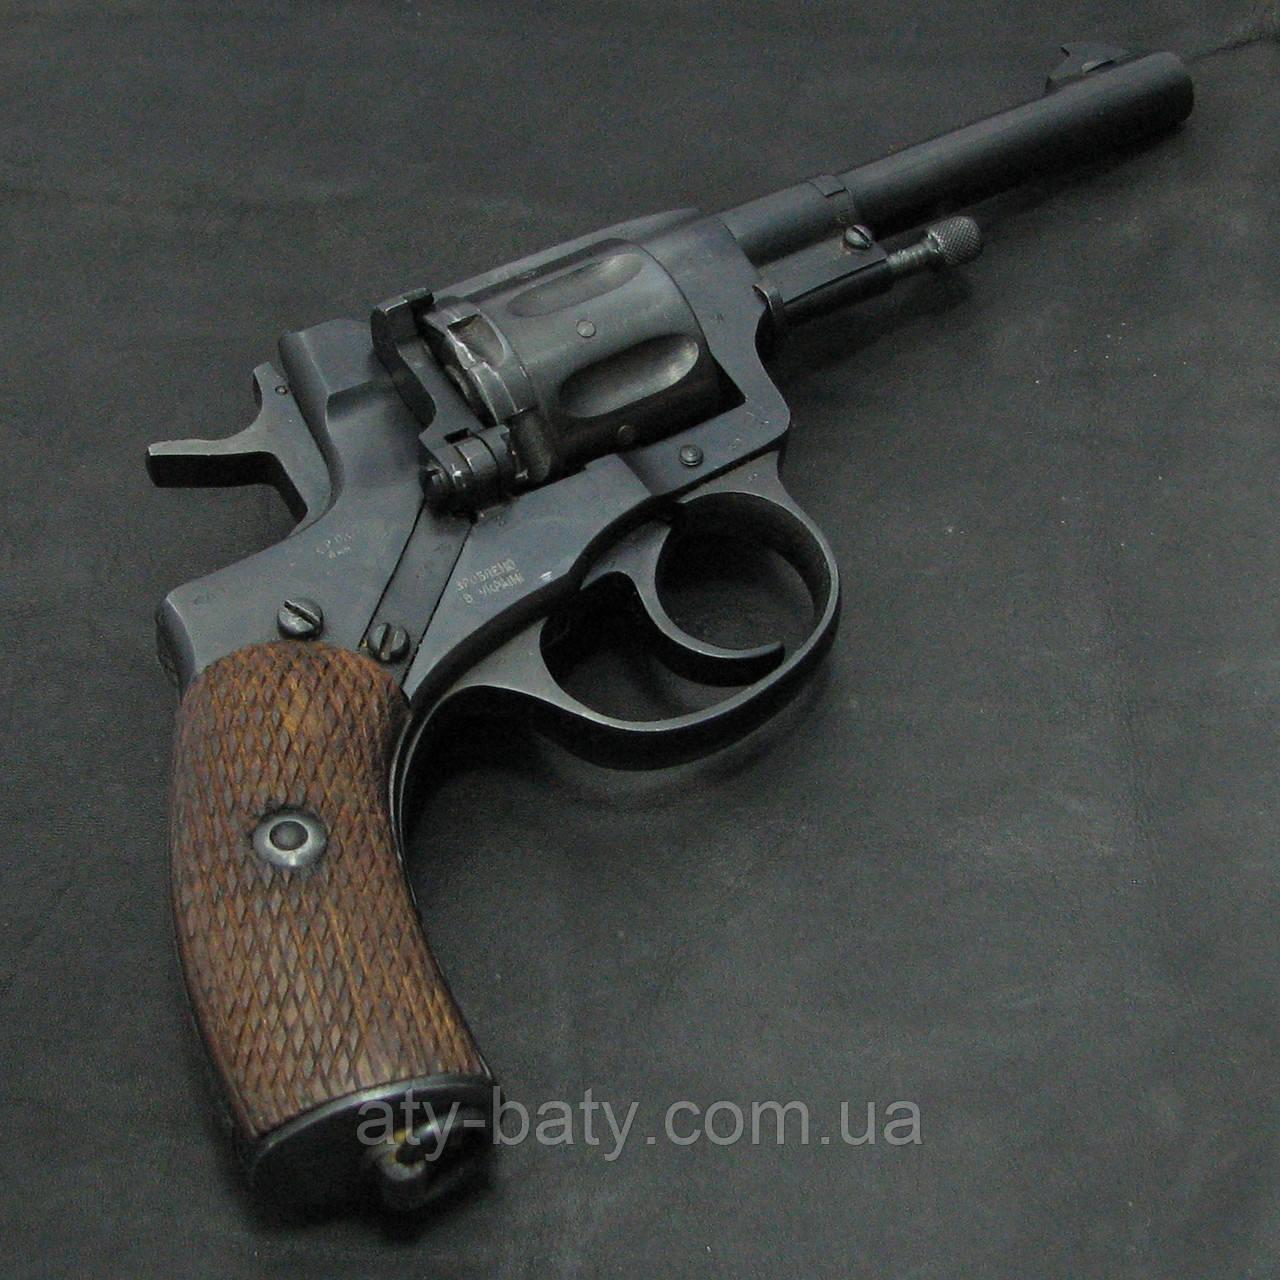 Револьвер флобера ГРОМ, 1945.